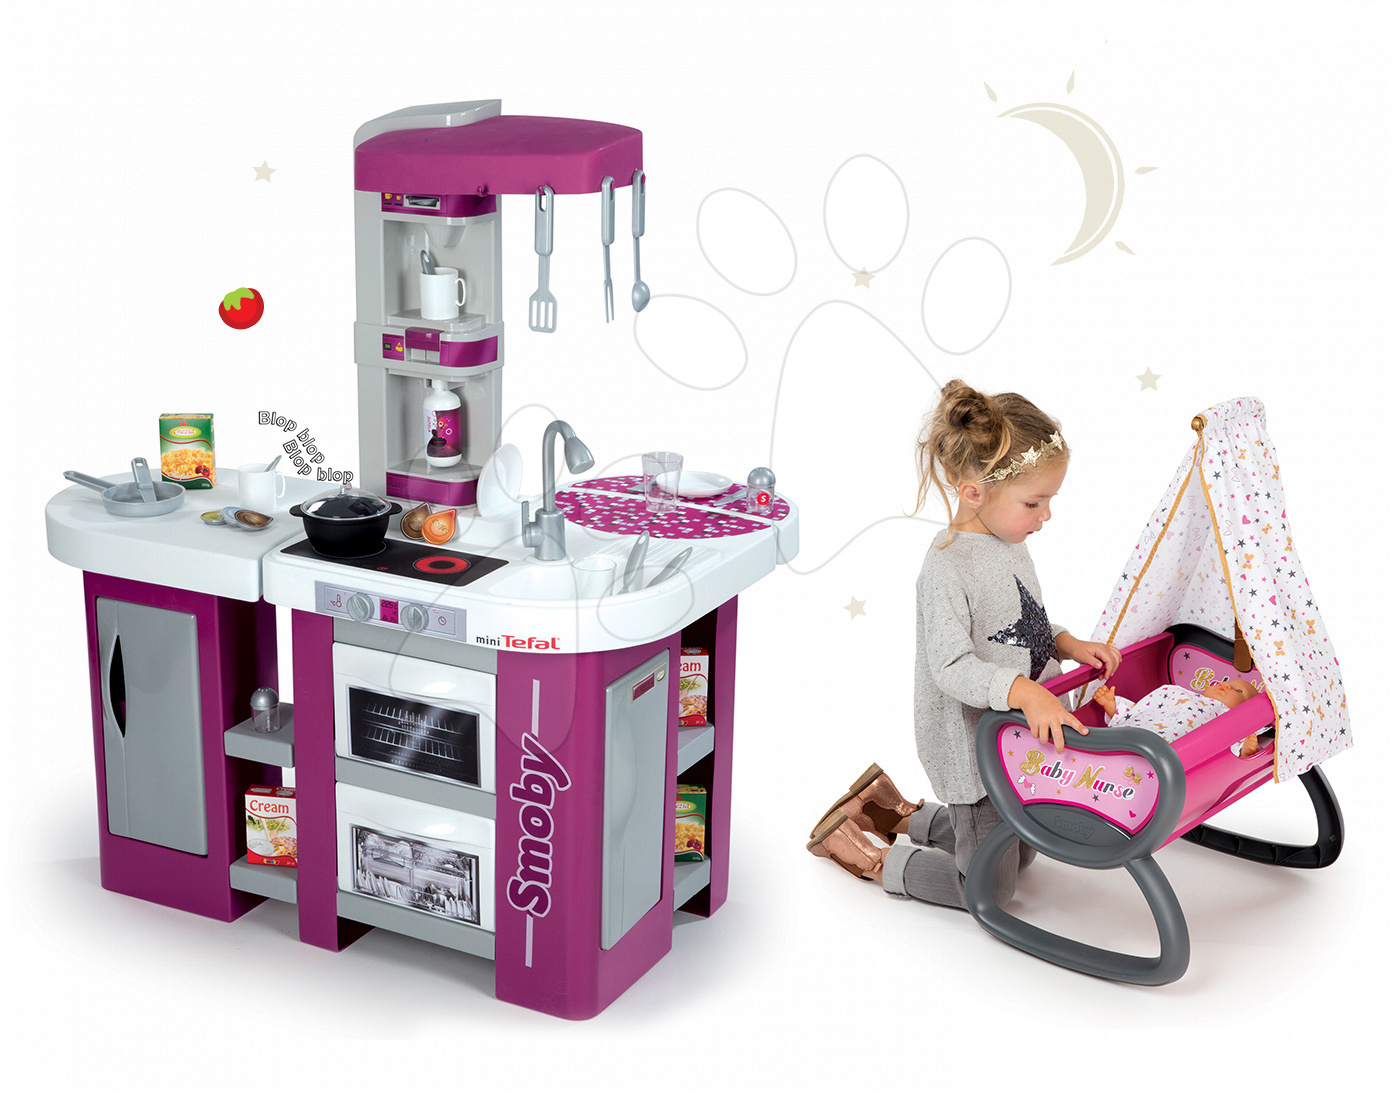 Set kuchyňka Tefal Studio XL Smoby se zvukem a úklidový vozík Clean s vysavačem